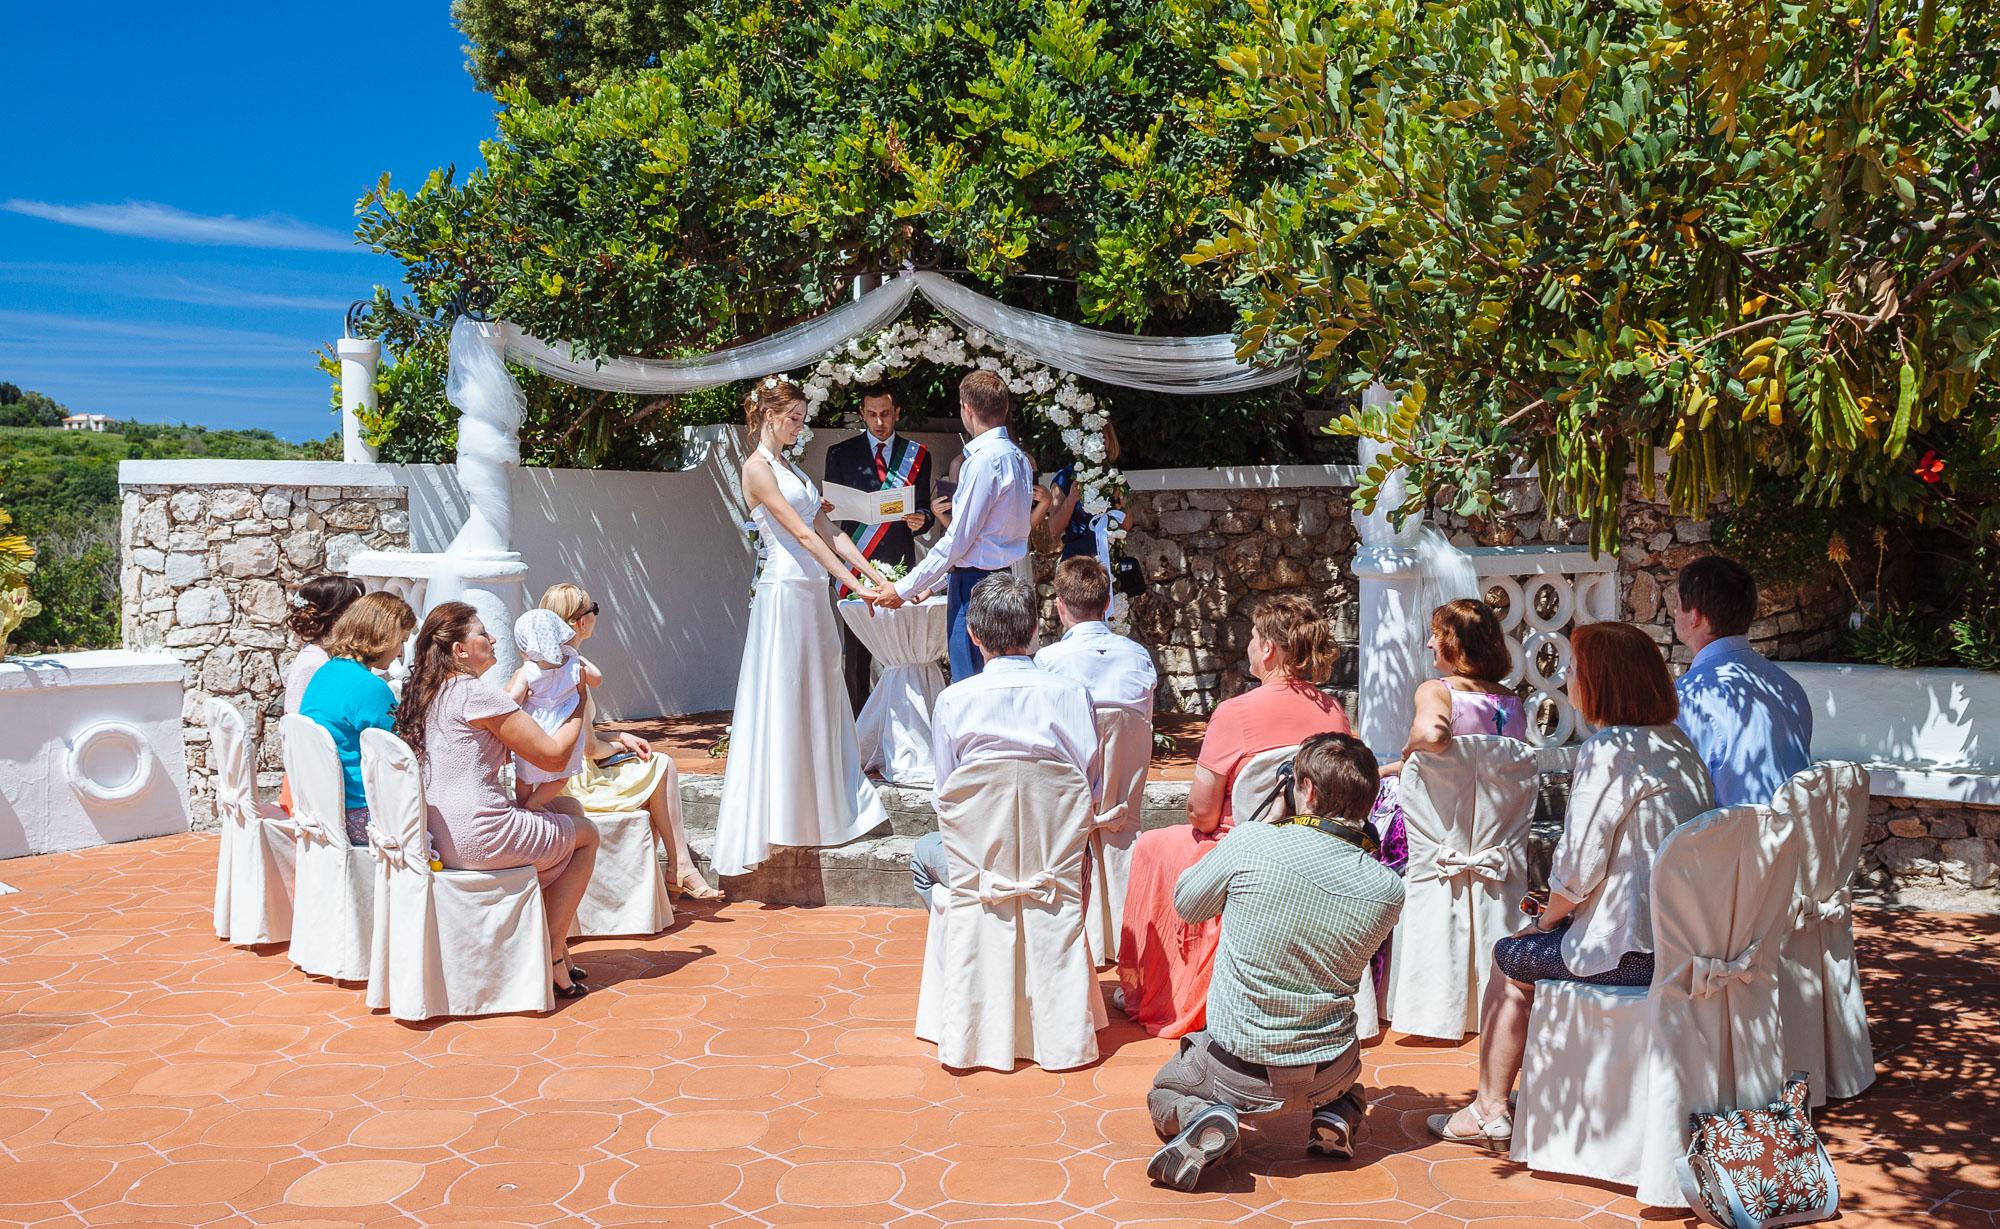 Matrimonio Sulla Spiaggia Gaeta : Il vostro matrimonio da sogno a gaeta grand hotel le rocce